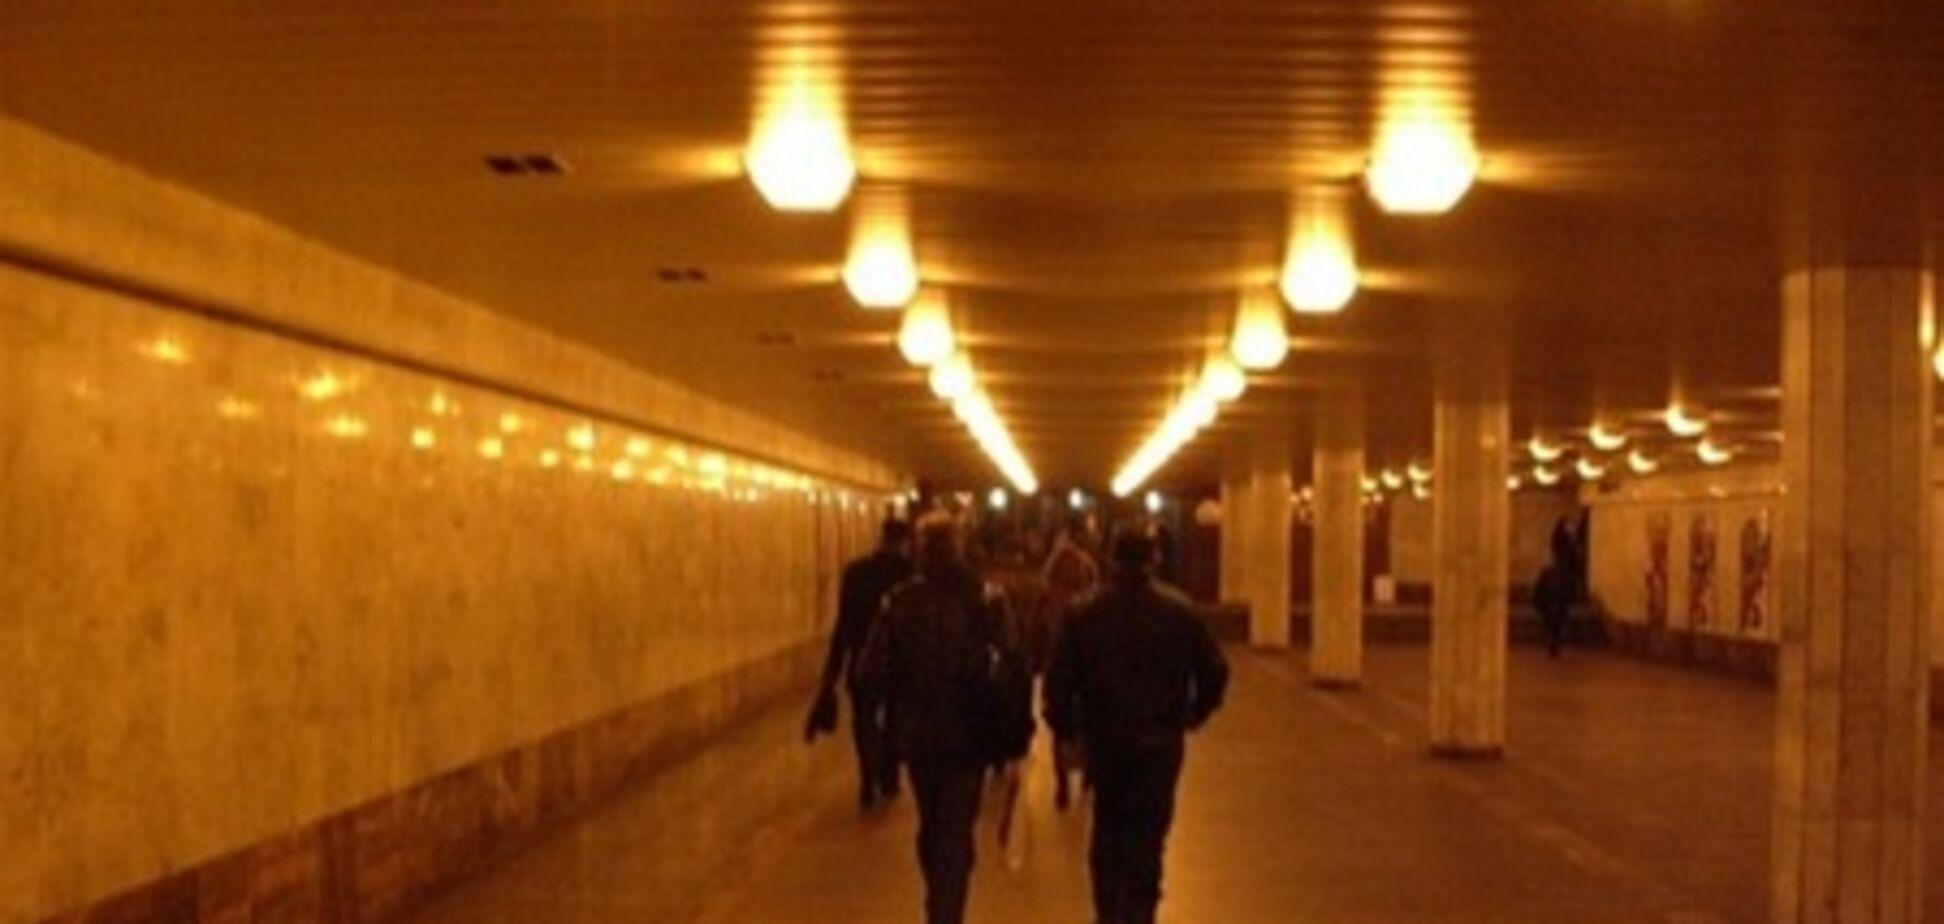 В подземных переходах Киева будет процветать торговля